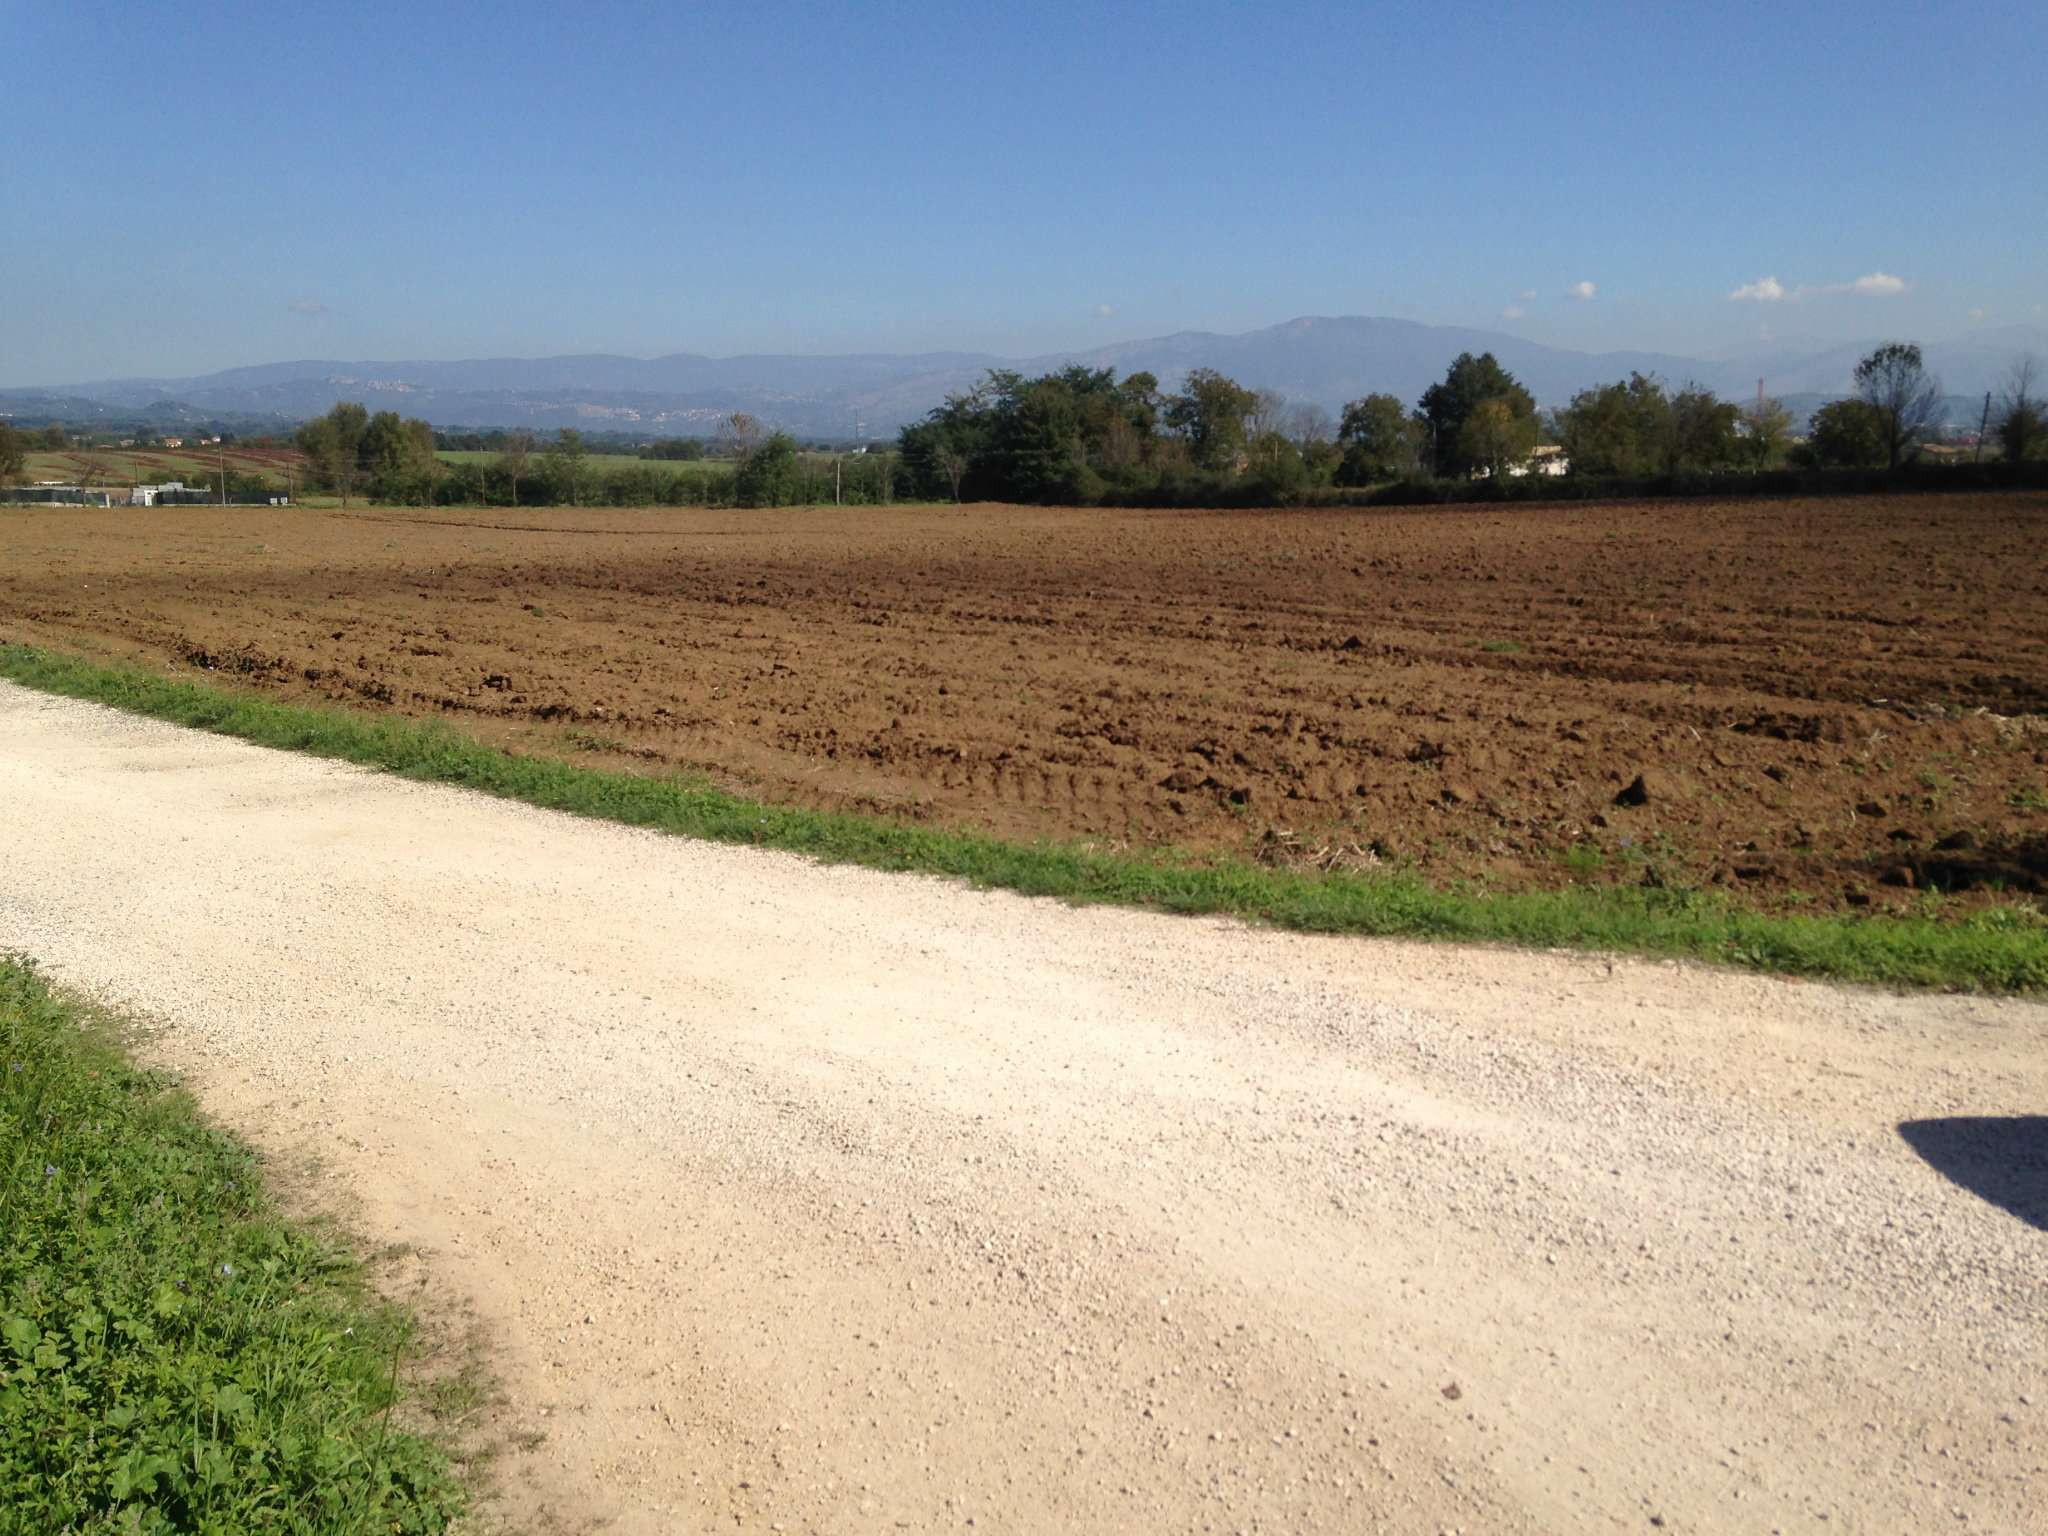 Terreno Edificabile Residenziale in vendita a Valmontone, 9999 locali, prezzo € 790.000 | Cambio Casa.it